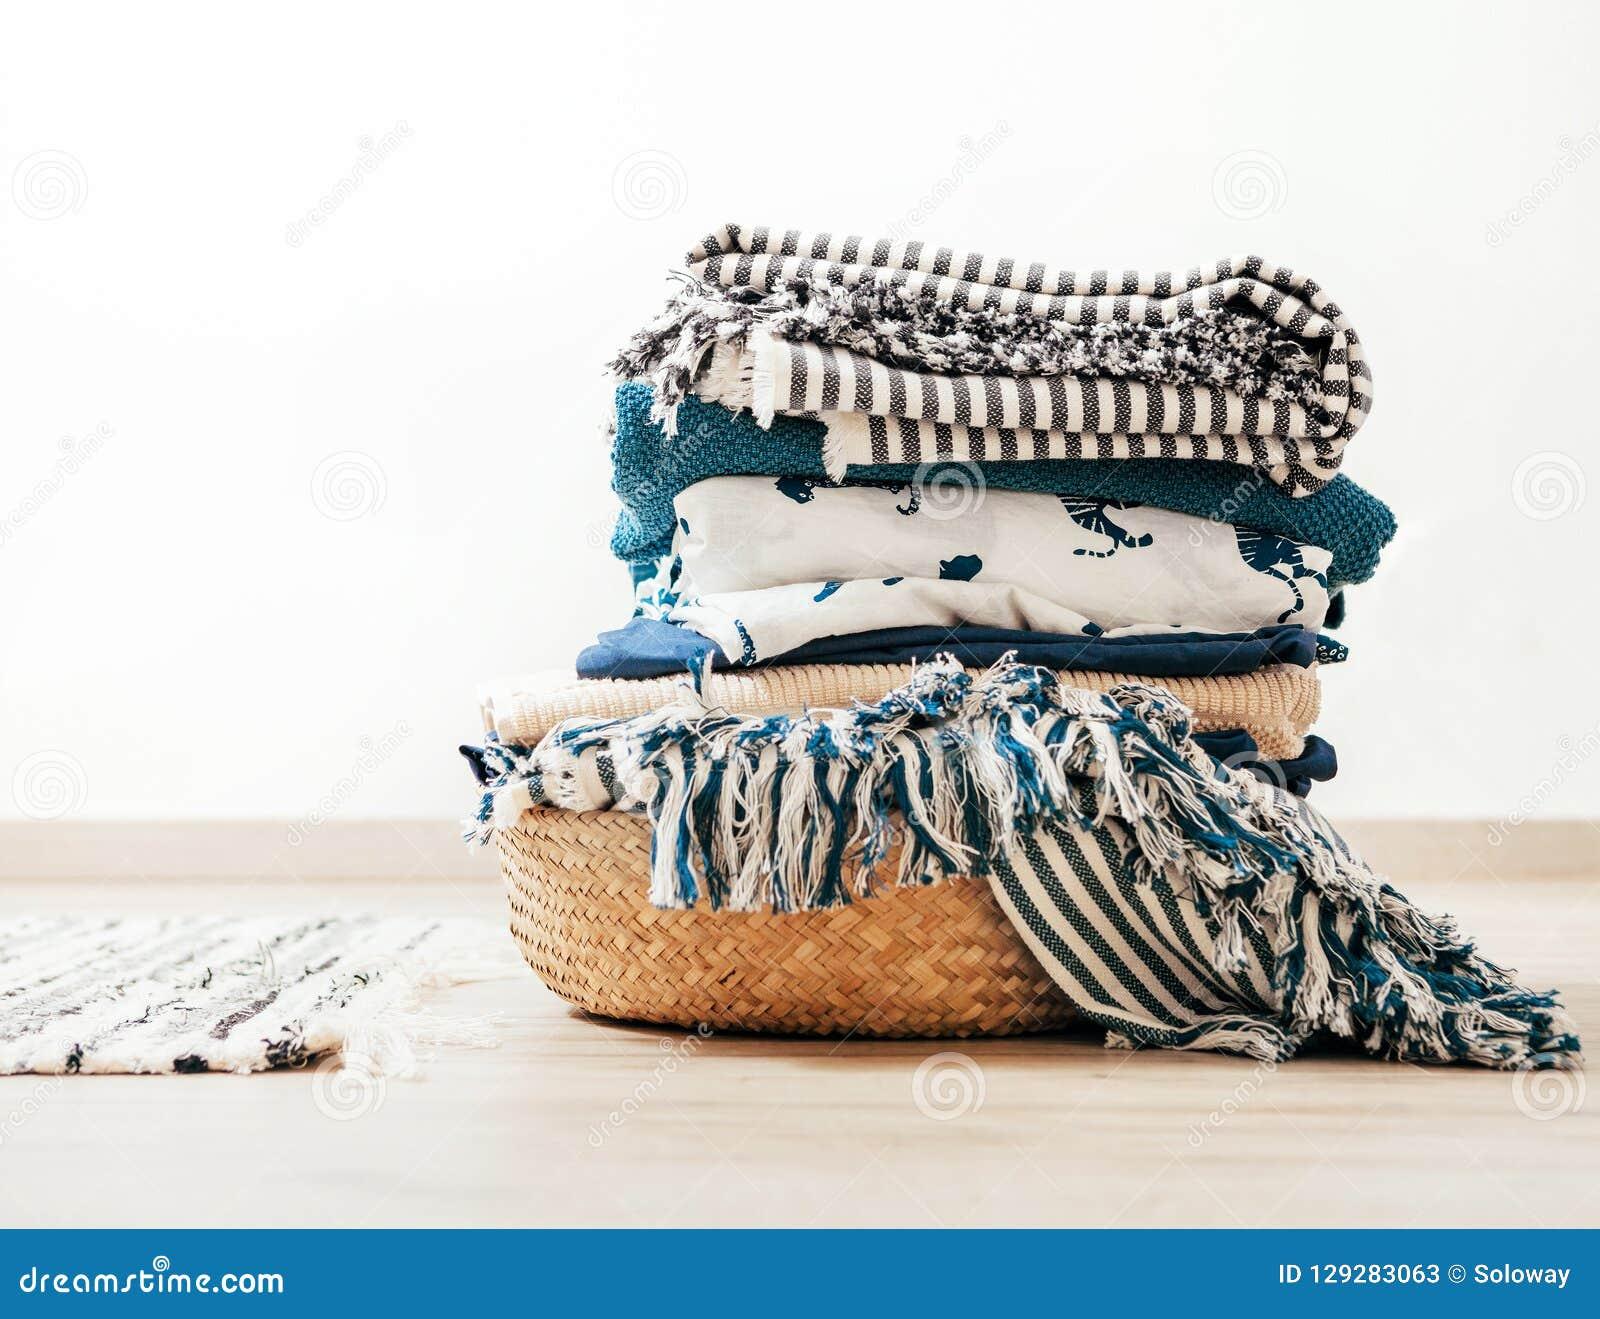 Panier avec la blanchisserie bleue et beige